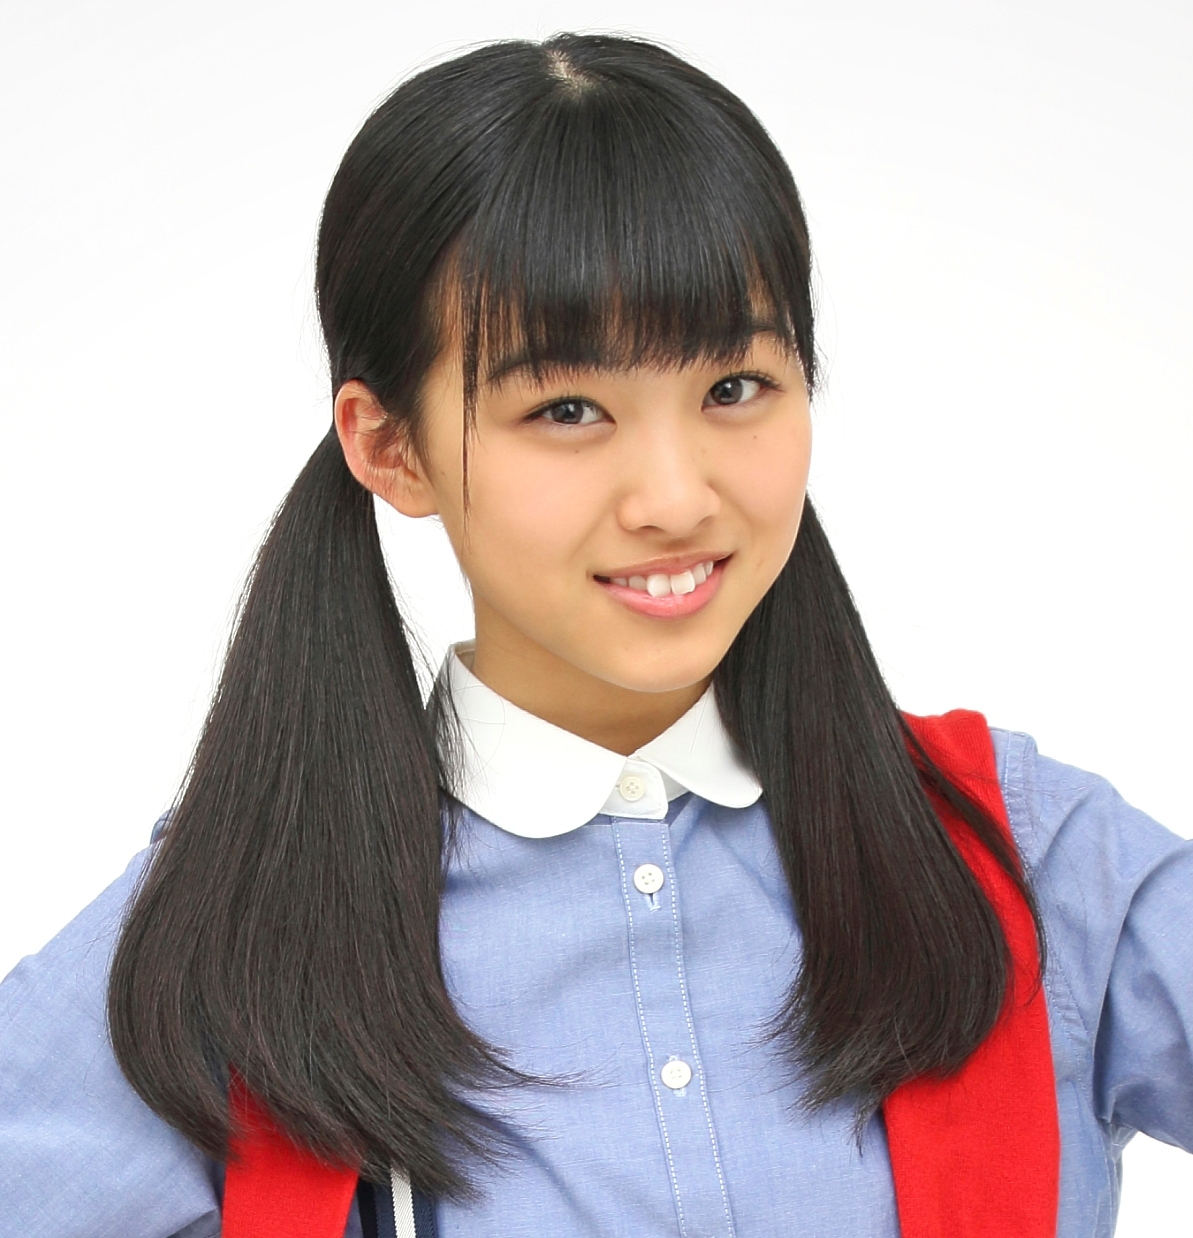 欅坂46メンバーが語る!「なんでもBEST3」<br />原田葵さんの『作るのが得意なお菓子 BEST3』